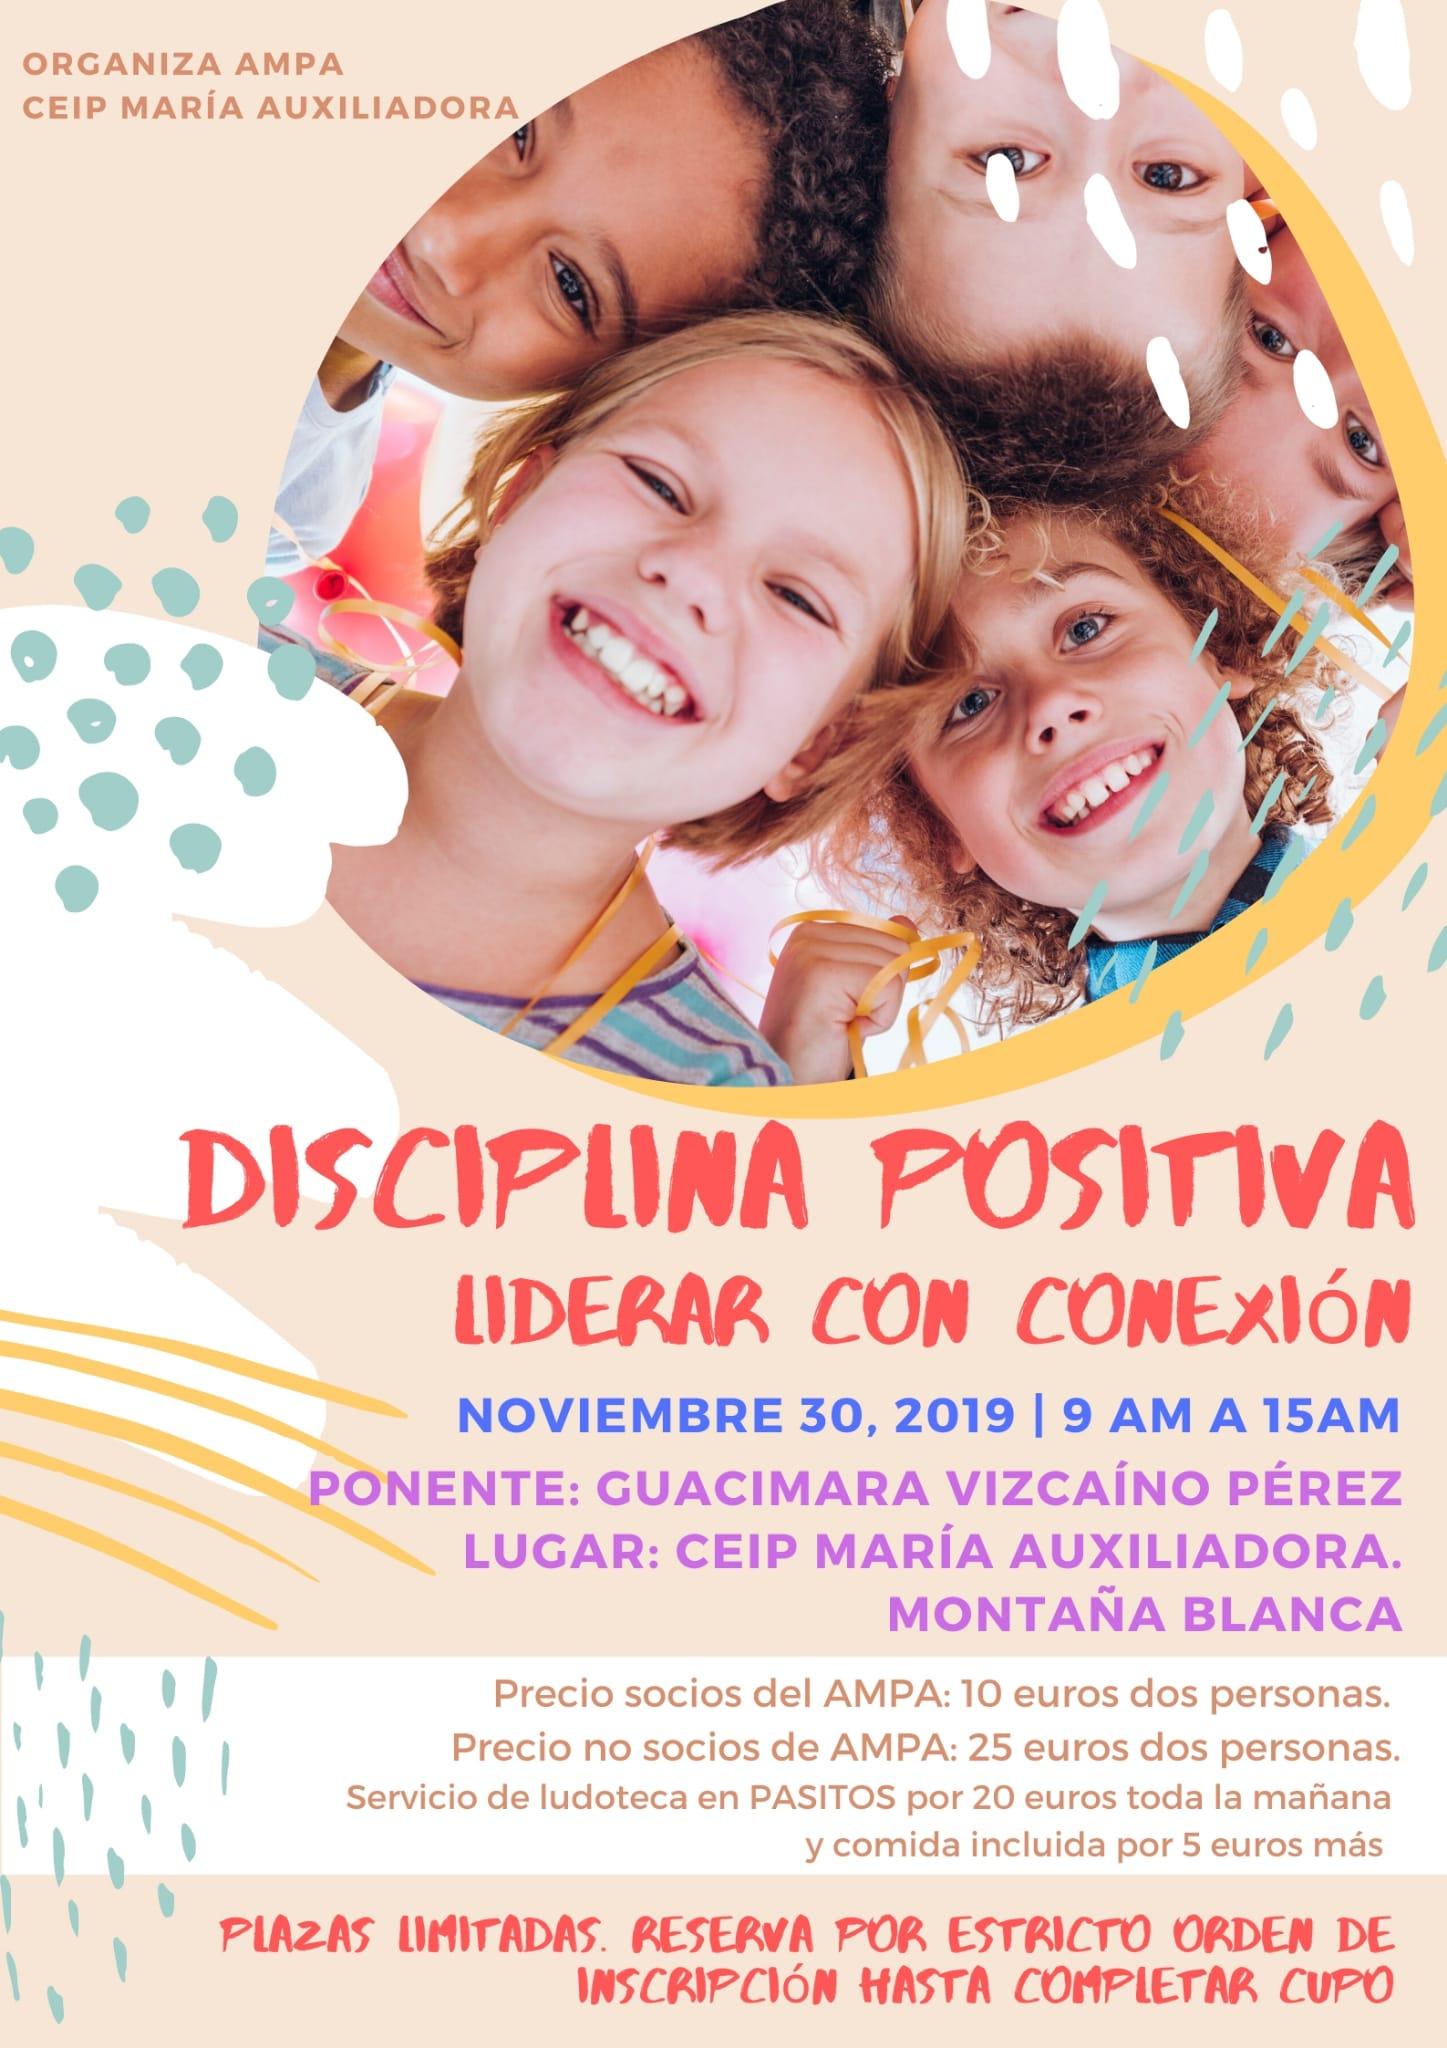 Taller Disciplina Positiva en CEIP María Auxiliadora Lanzarote